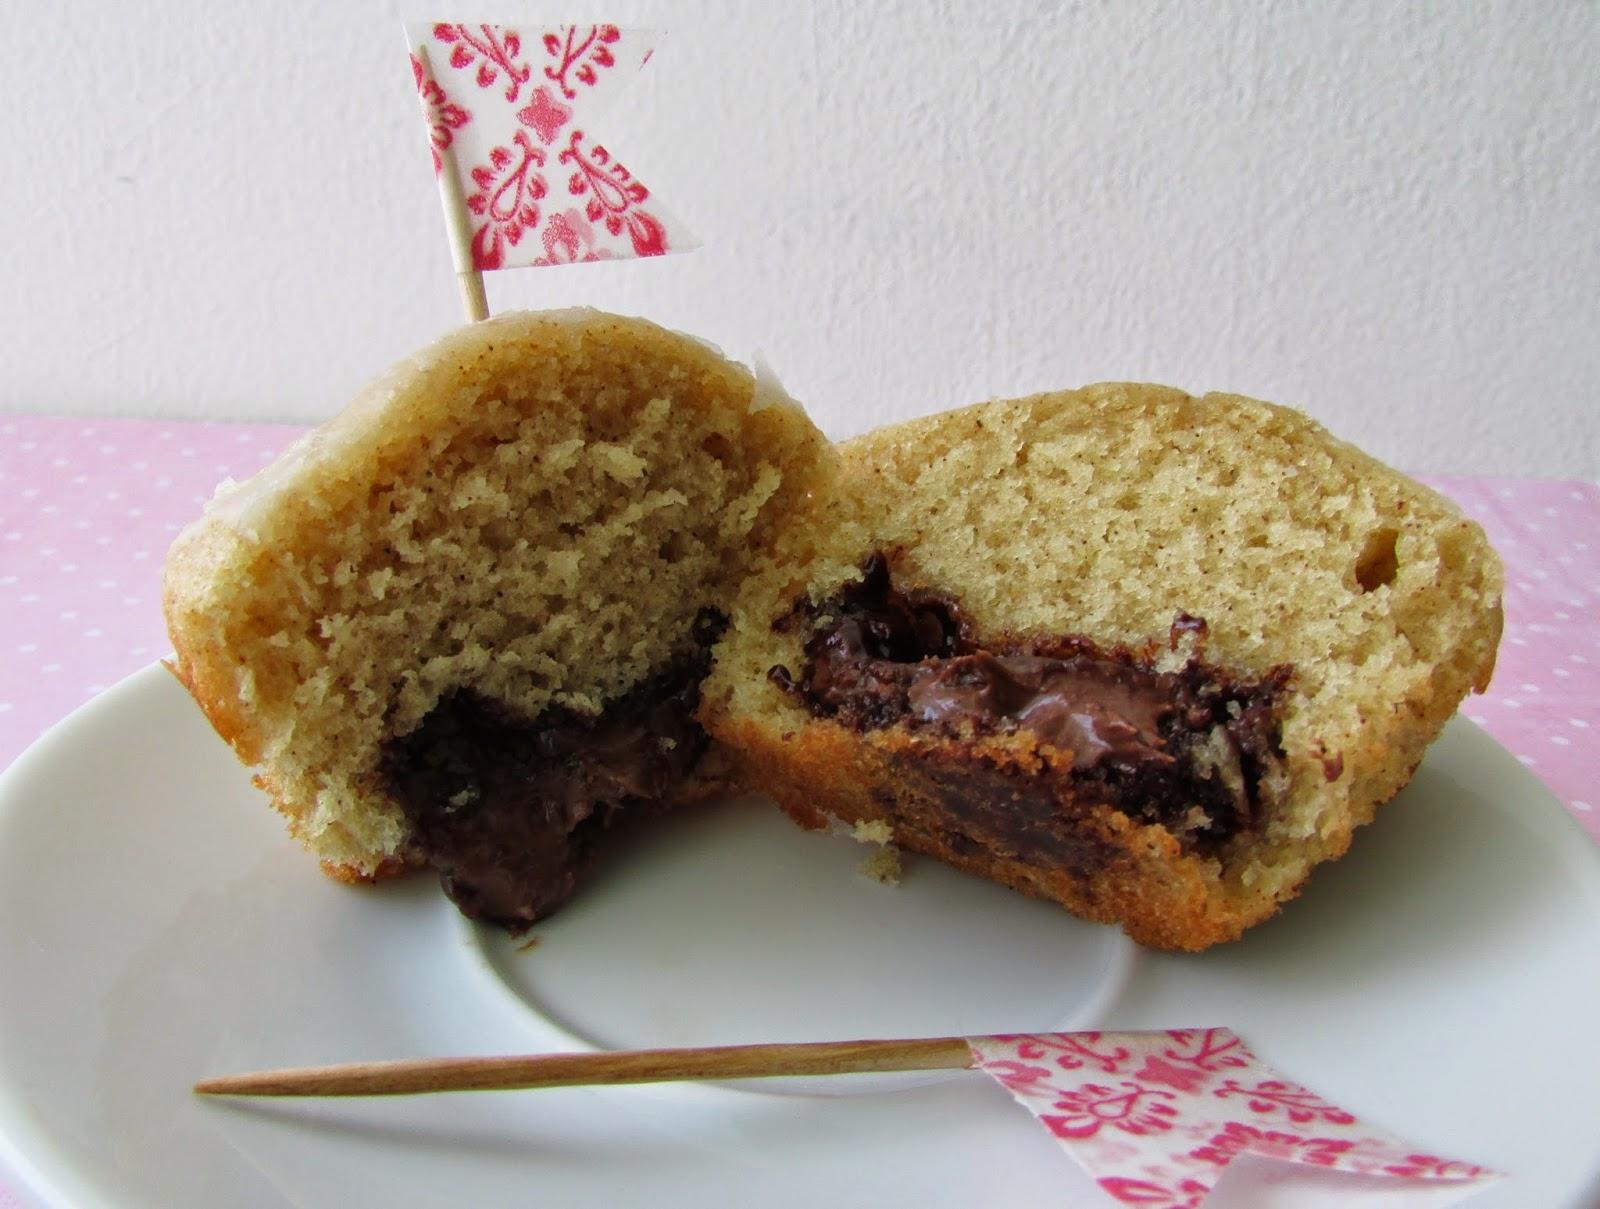 muffin-canela-cinnamon-nutella